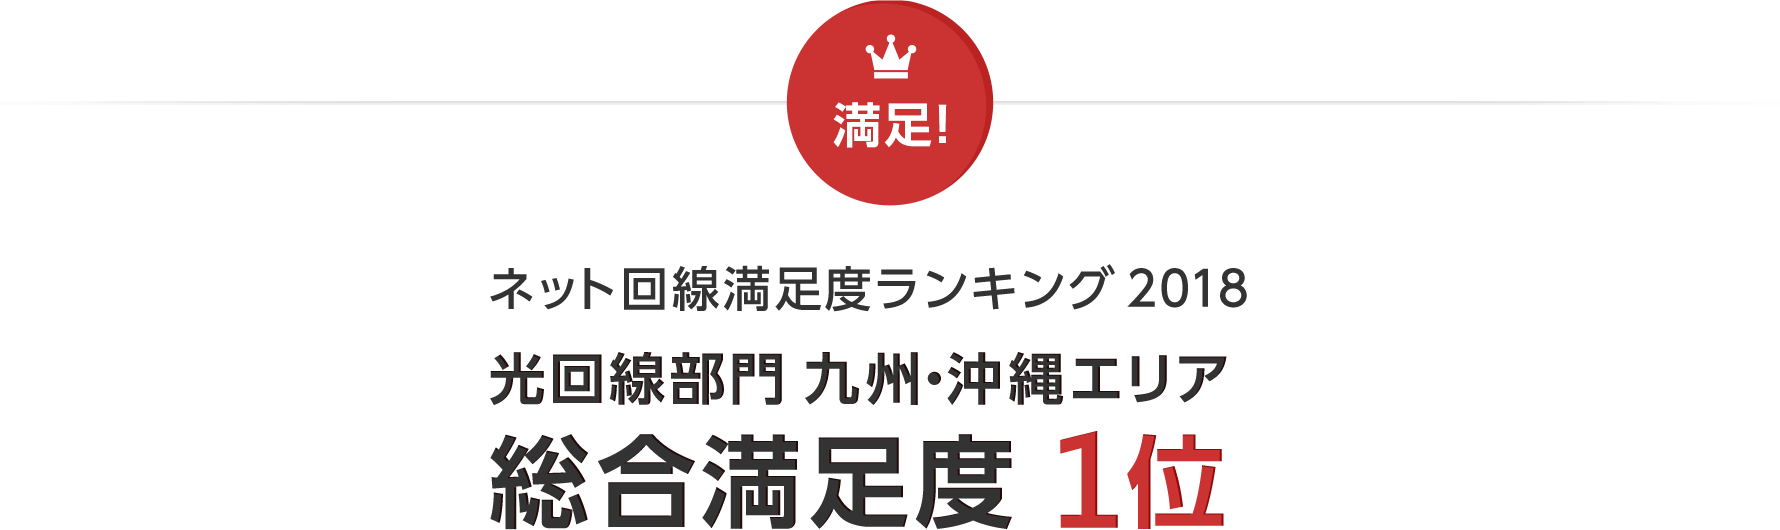 ネット回線満足度ランキング 2018 光回線部門 九州・沖縄エリア 総合満足度 1位